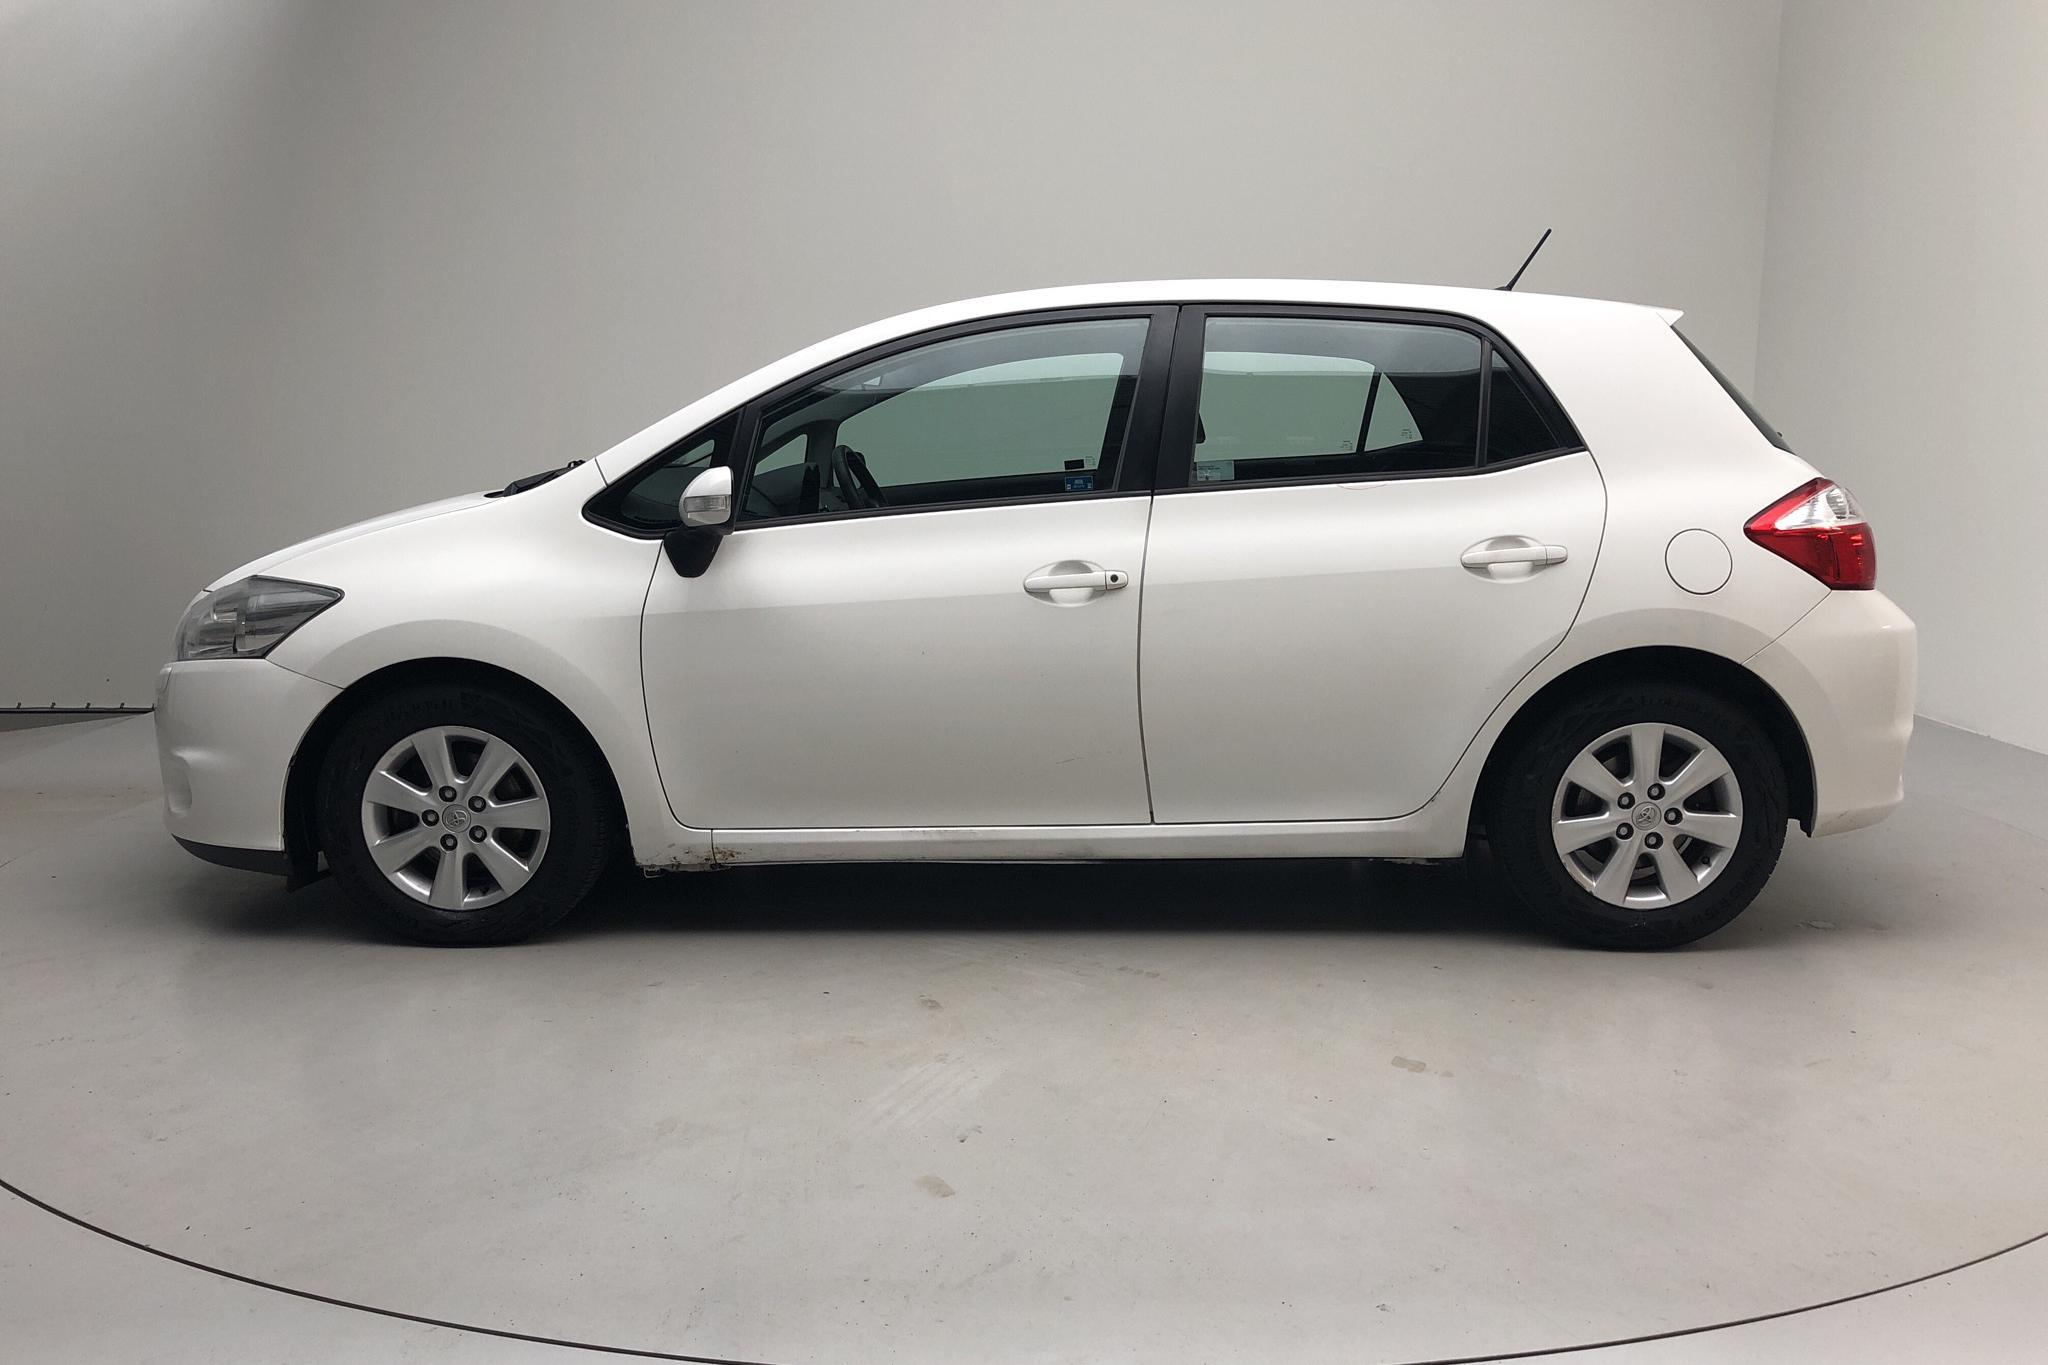 Toyota Auris 1.4 D-4D 5dr (90hk) - 22 461 mil - Manuell - vit - 2012